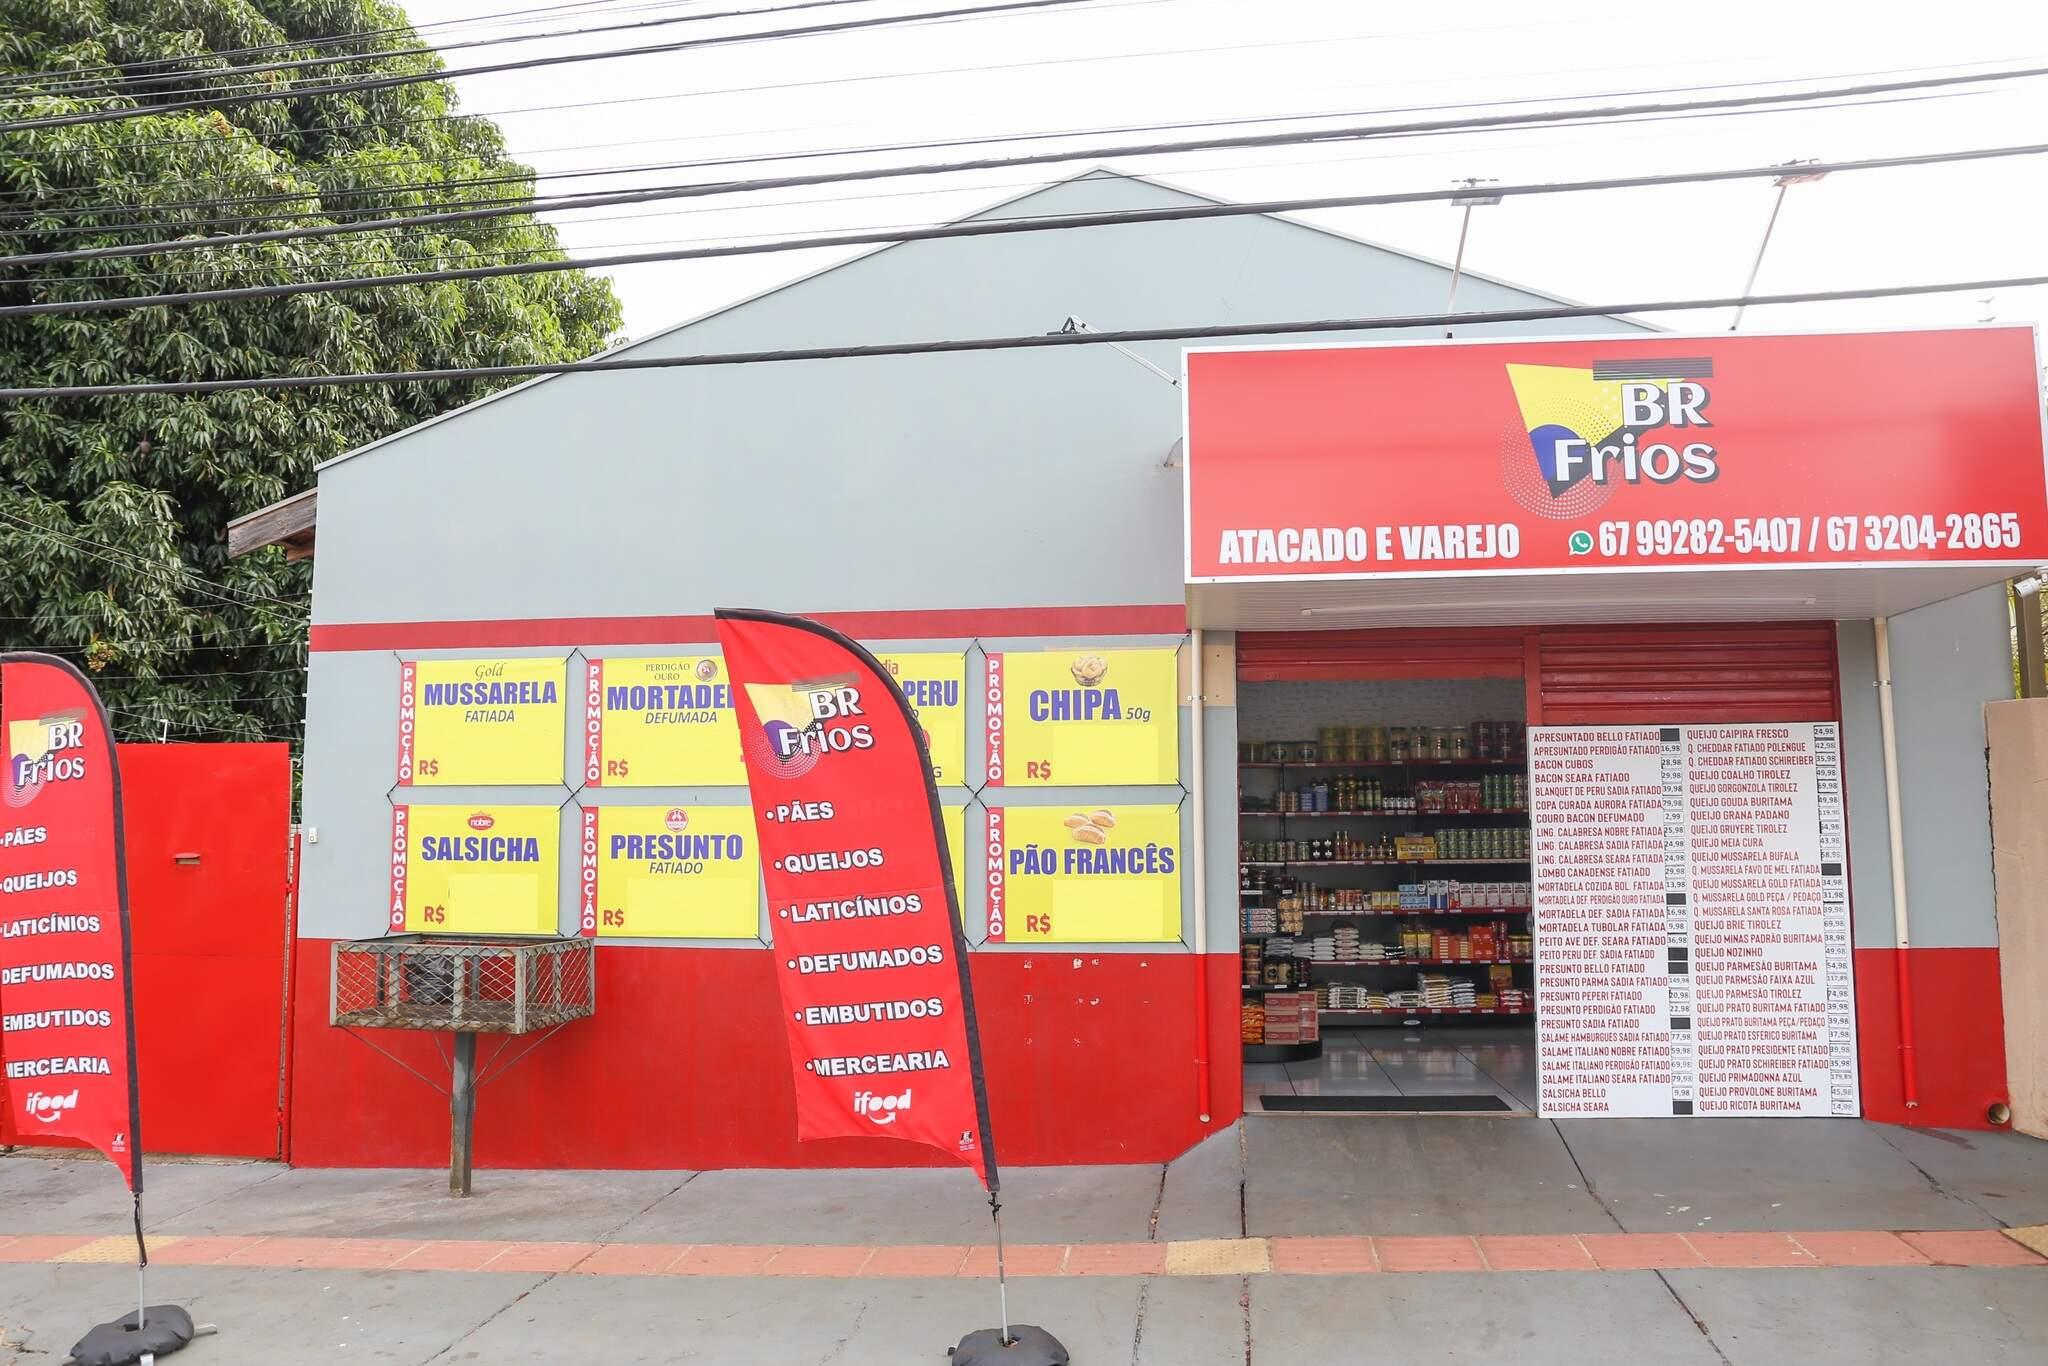 BR Frios fica localizada na rua Santa Helena, 335, bairro Vila Jacy (Foto: Paulo Francis)